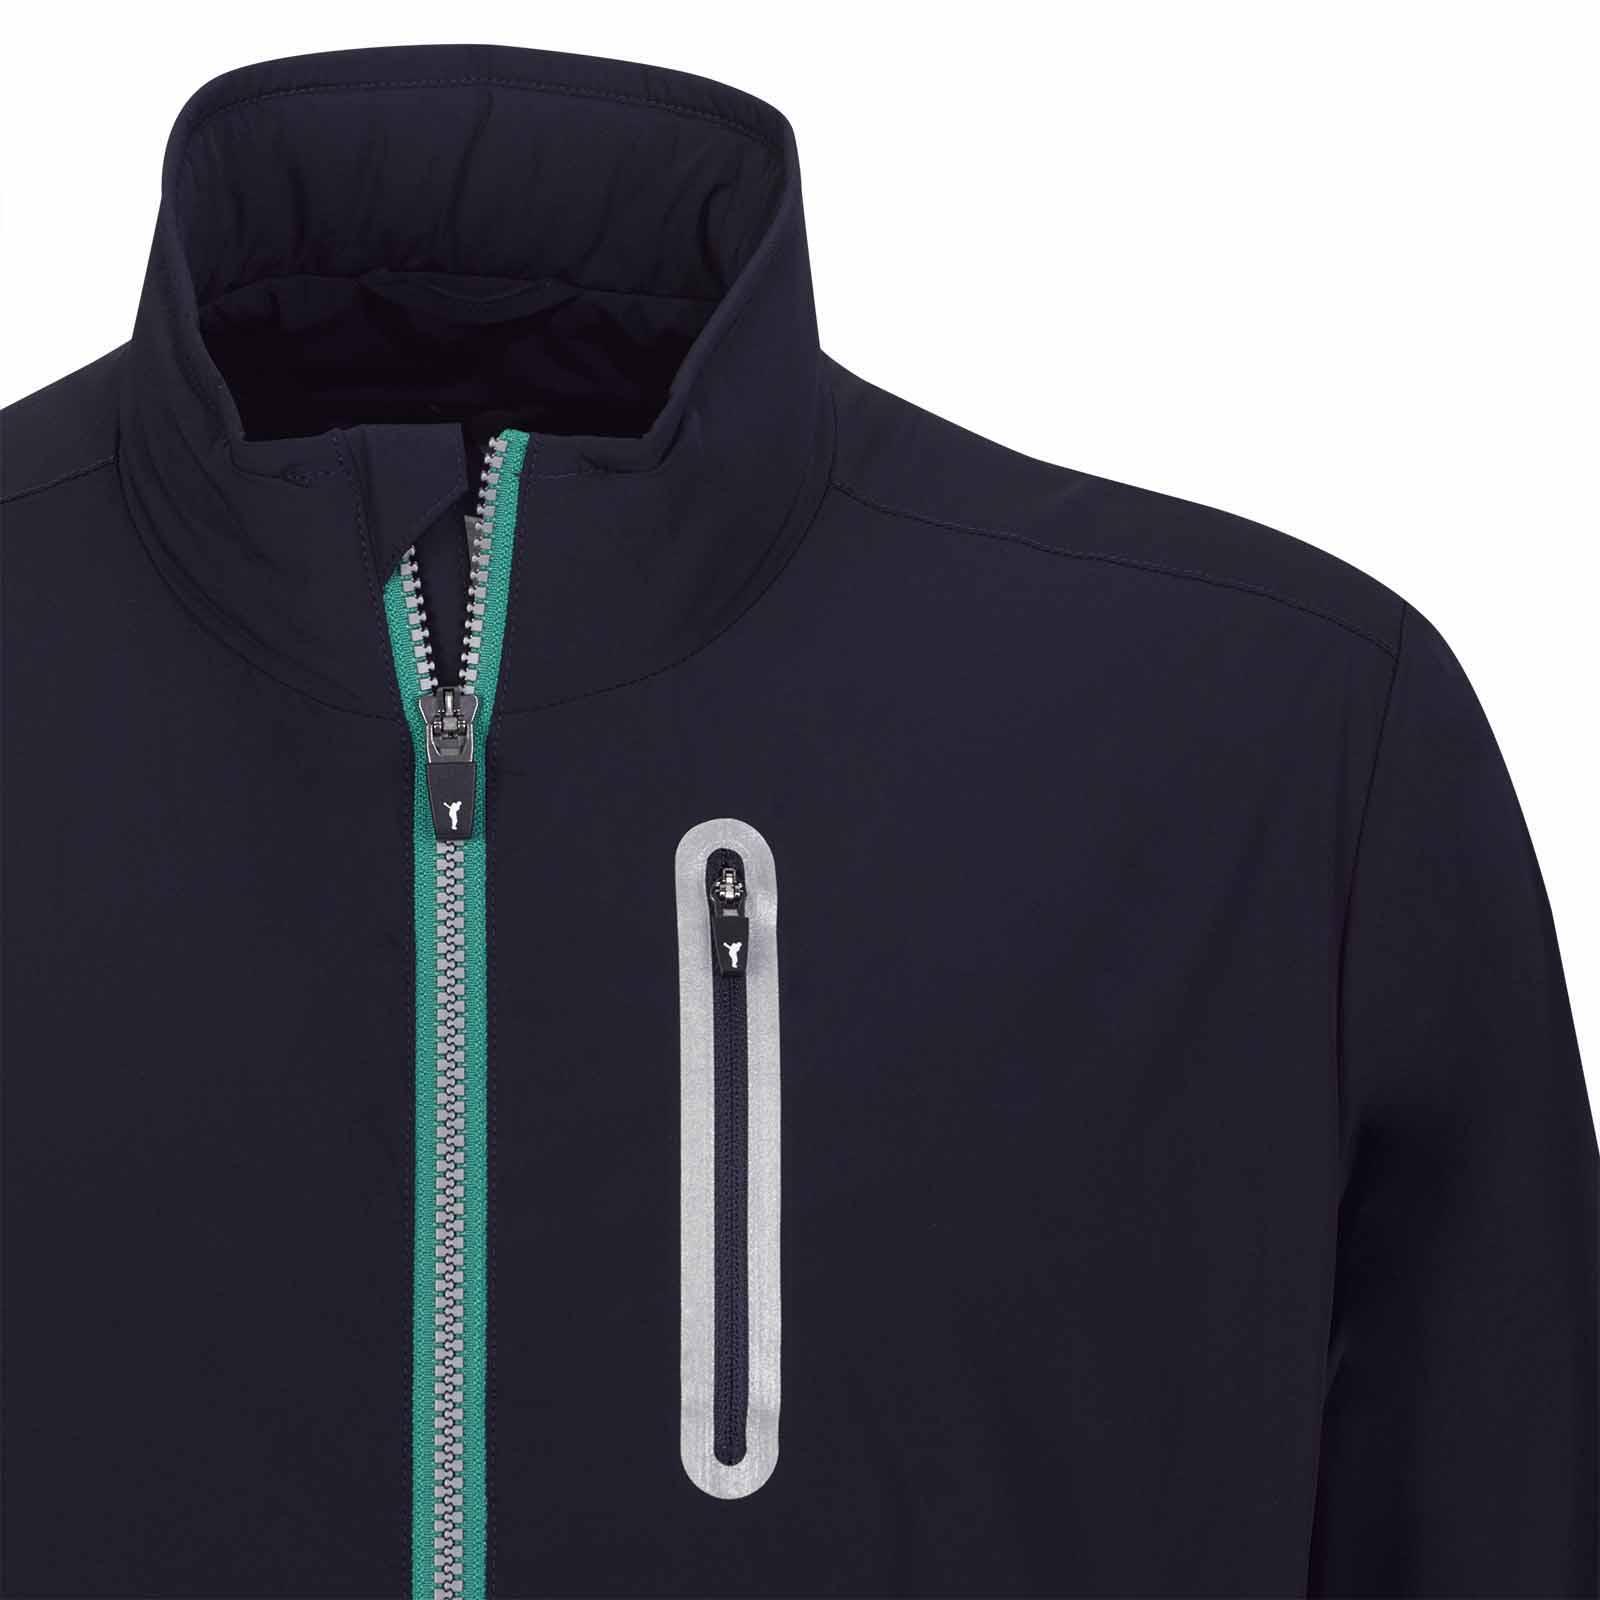 Herren Golfjacke mit Stretch Komfort in Pro-Look und Comfortable Fit